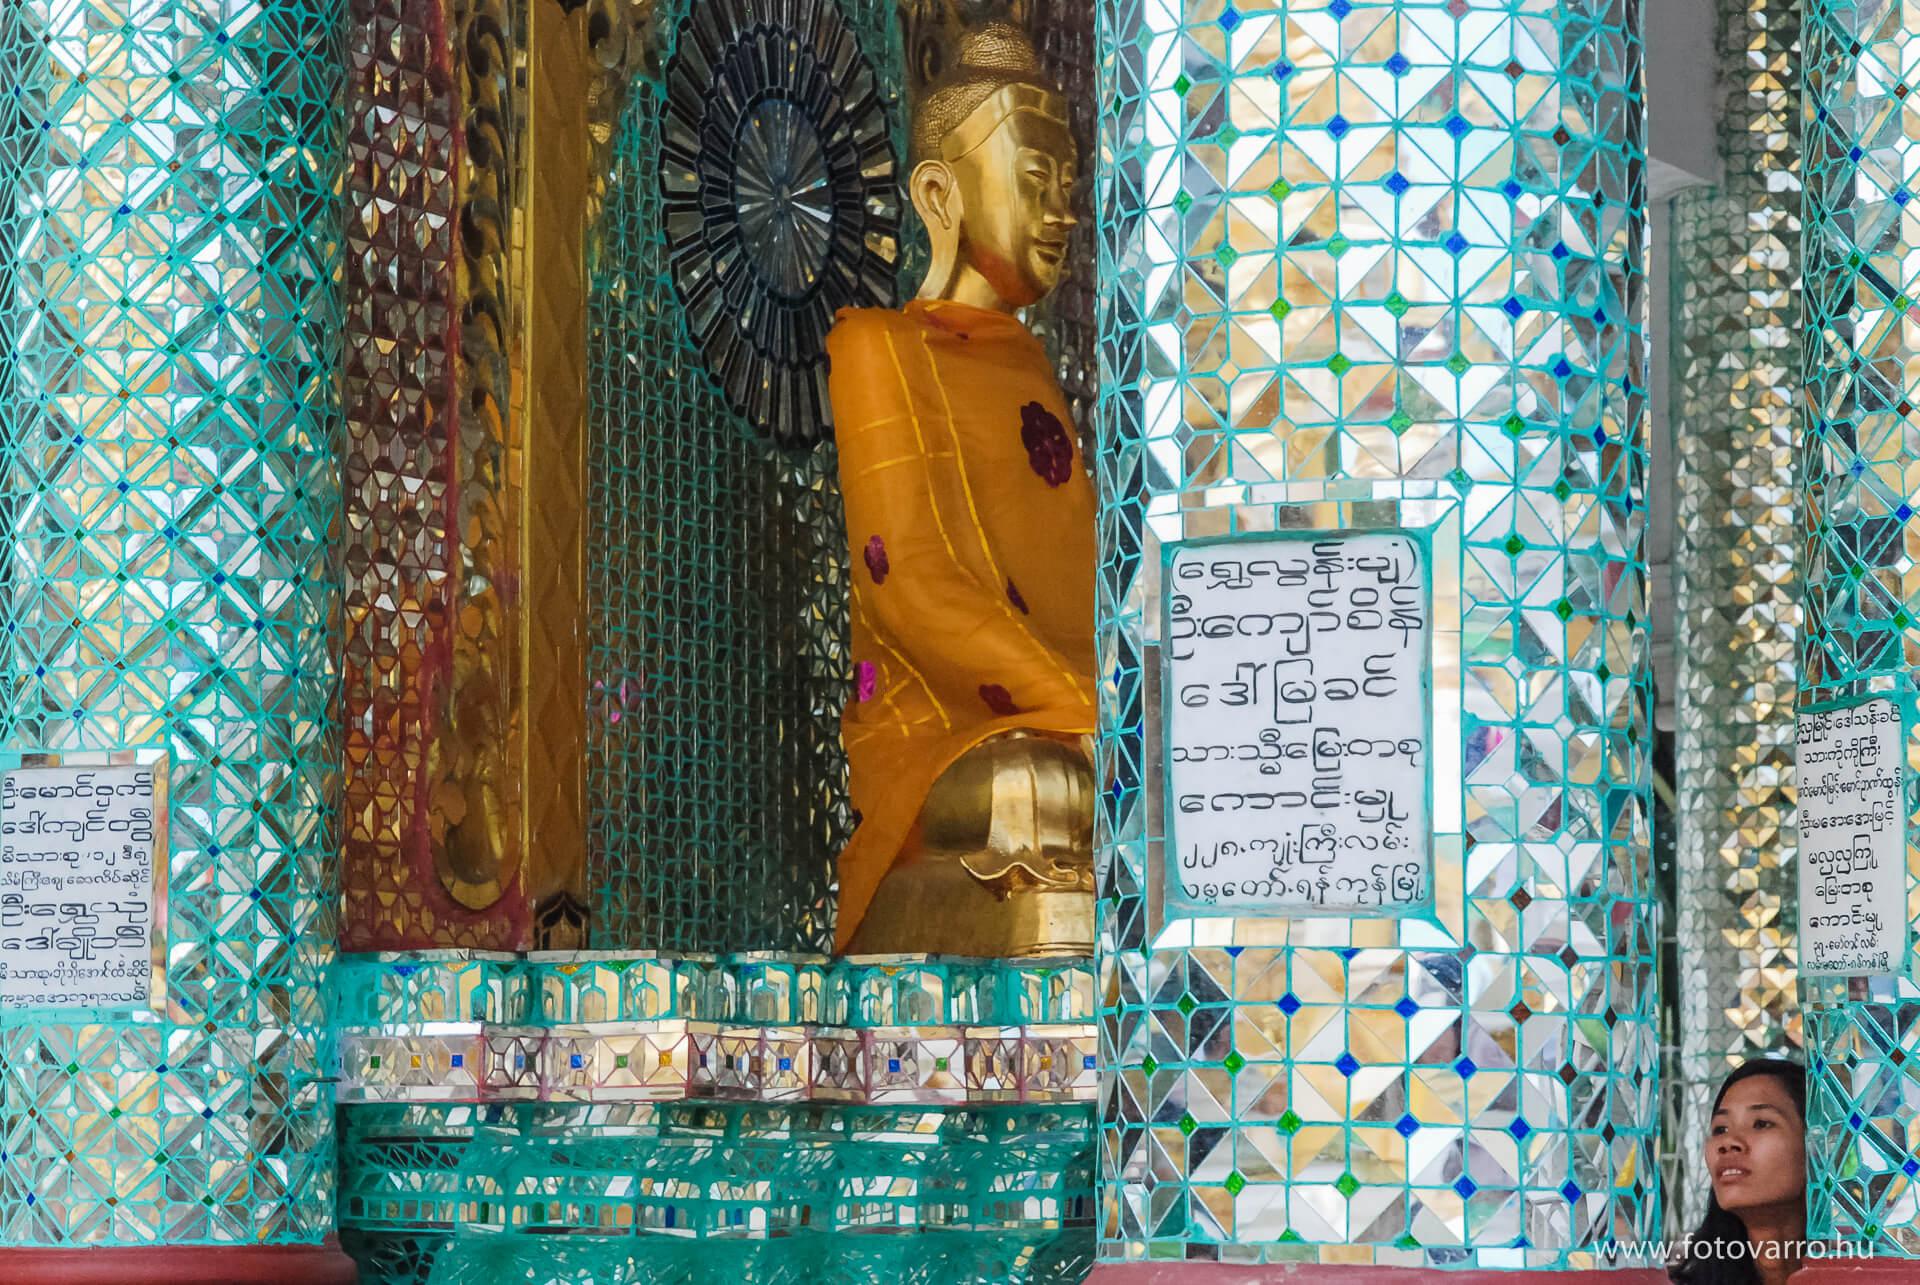 Burma_fotovarro_44